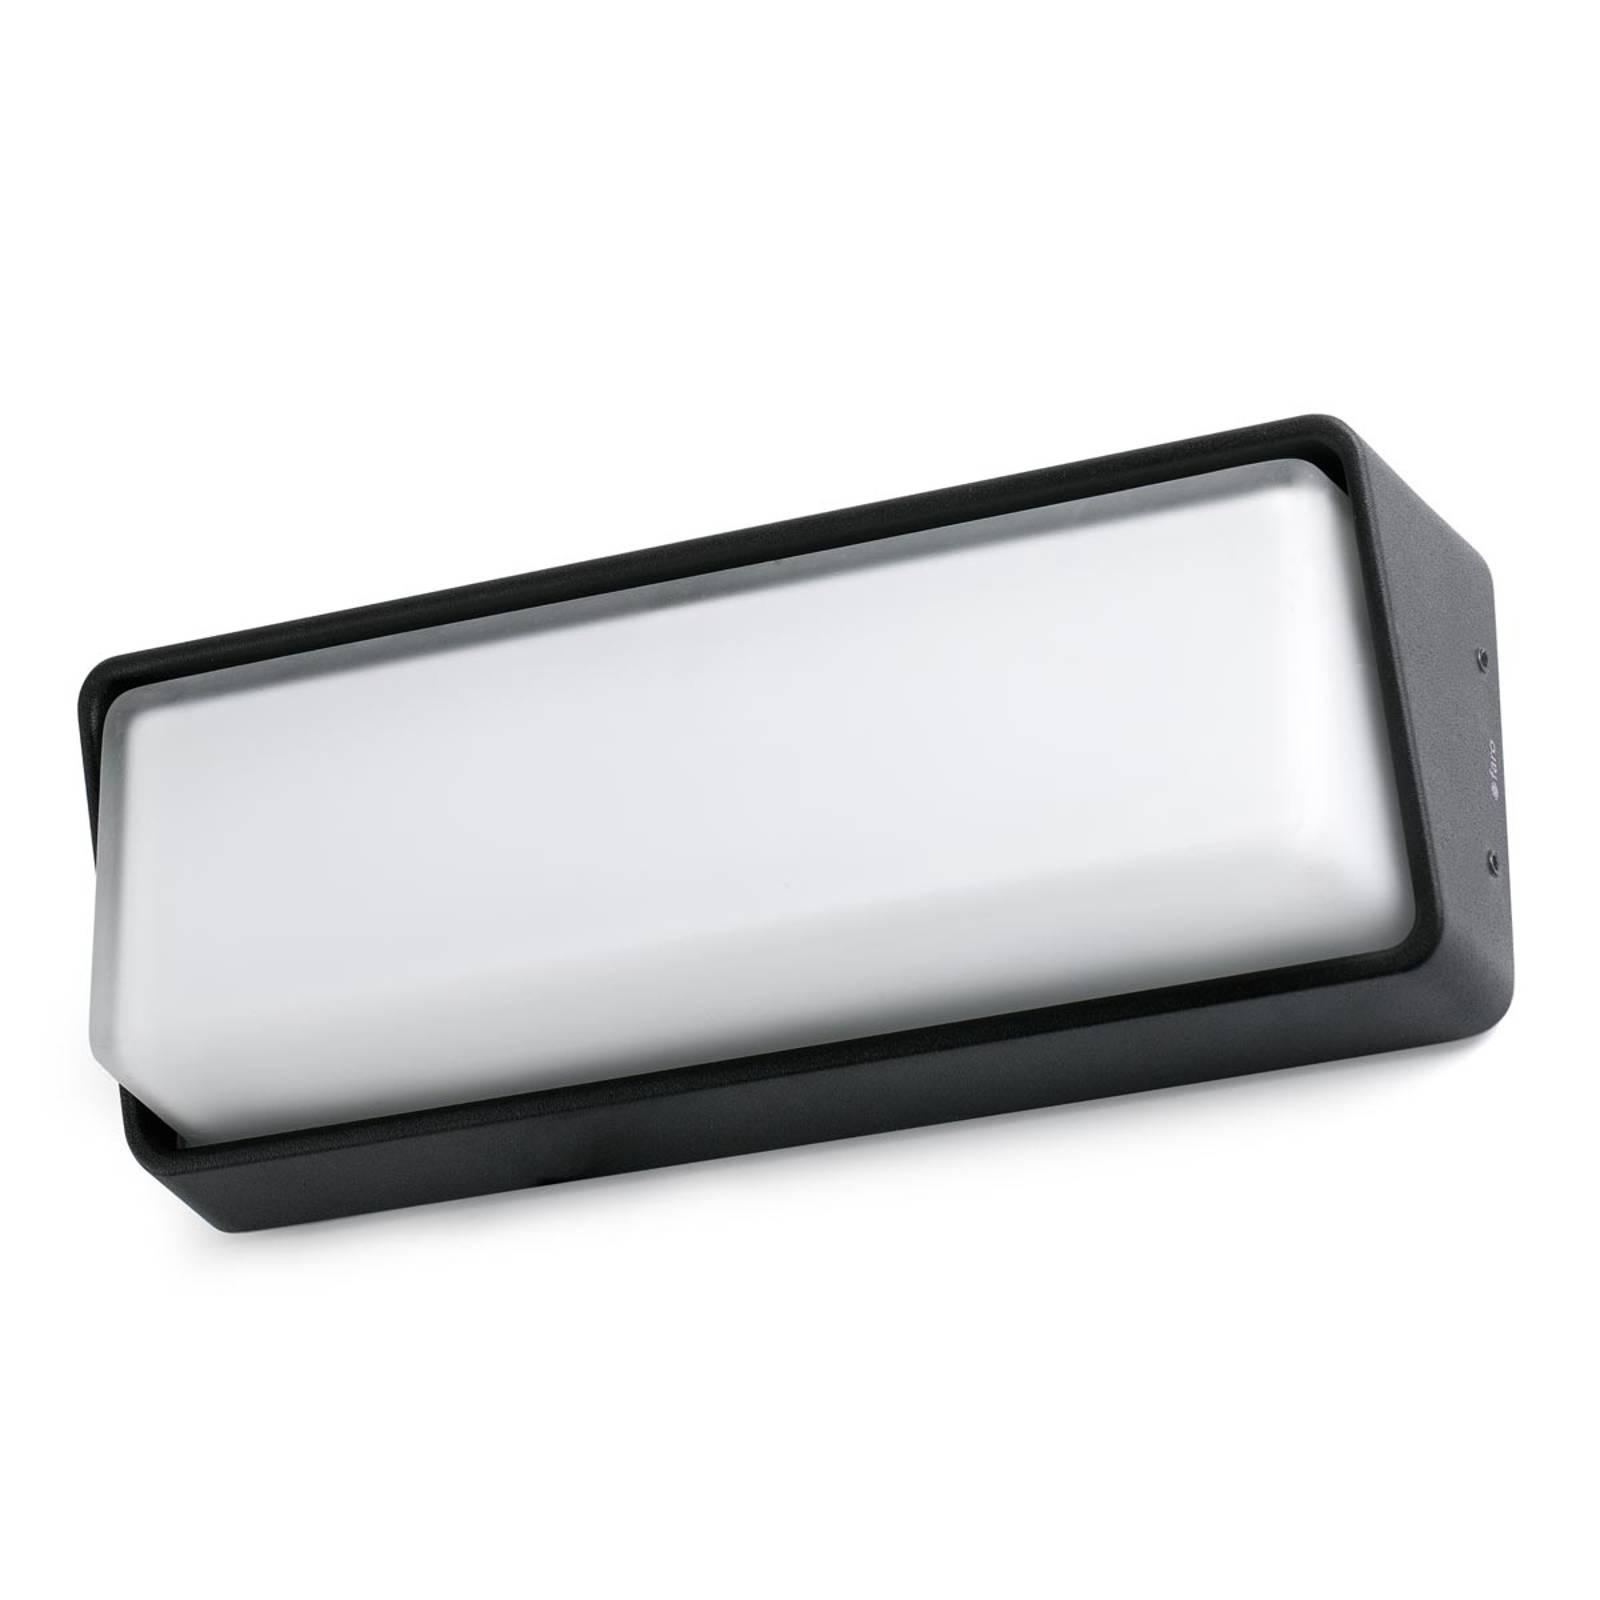 Ajaton ulkoseinälamppu Half LED-valolla